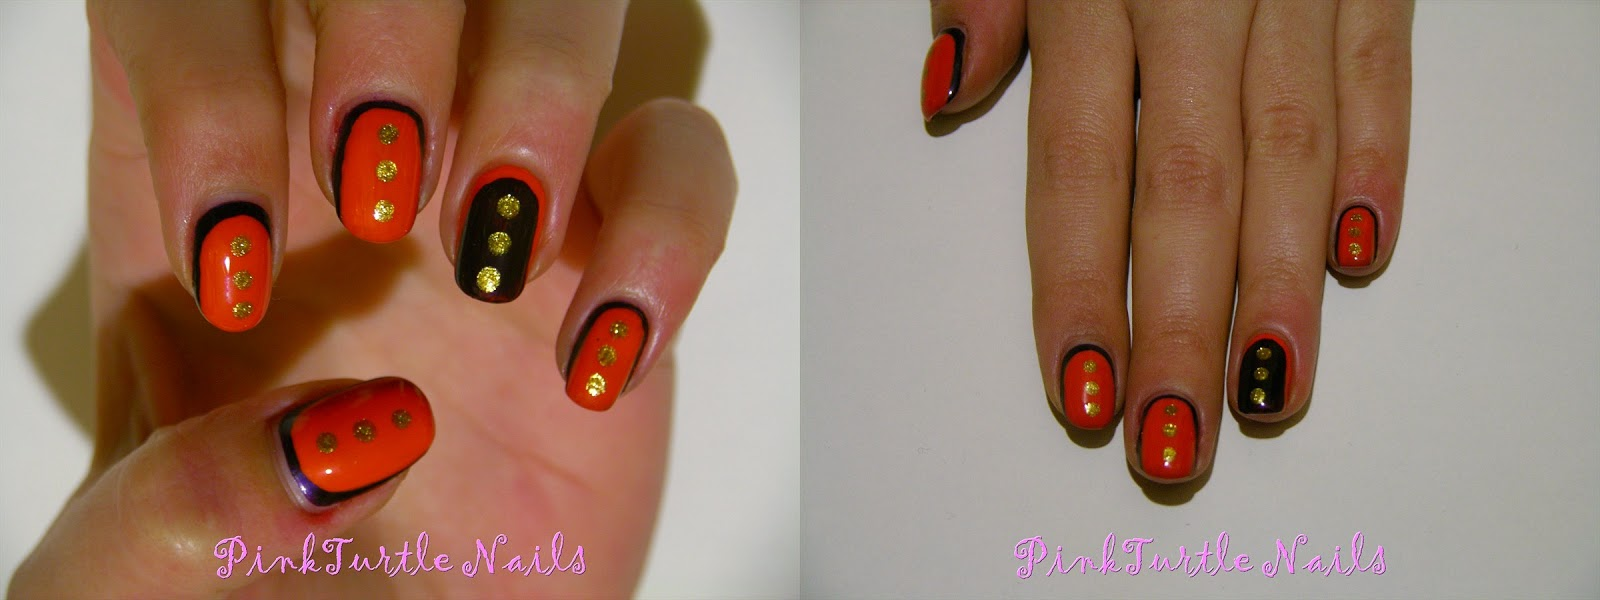 http://pinkturtlenails.blogspot.com.es/2014/11/reto-colores-vol-2-naranja_30.html